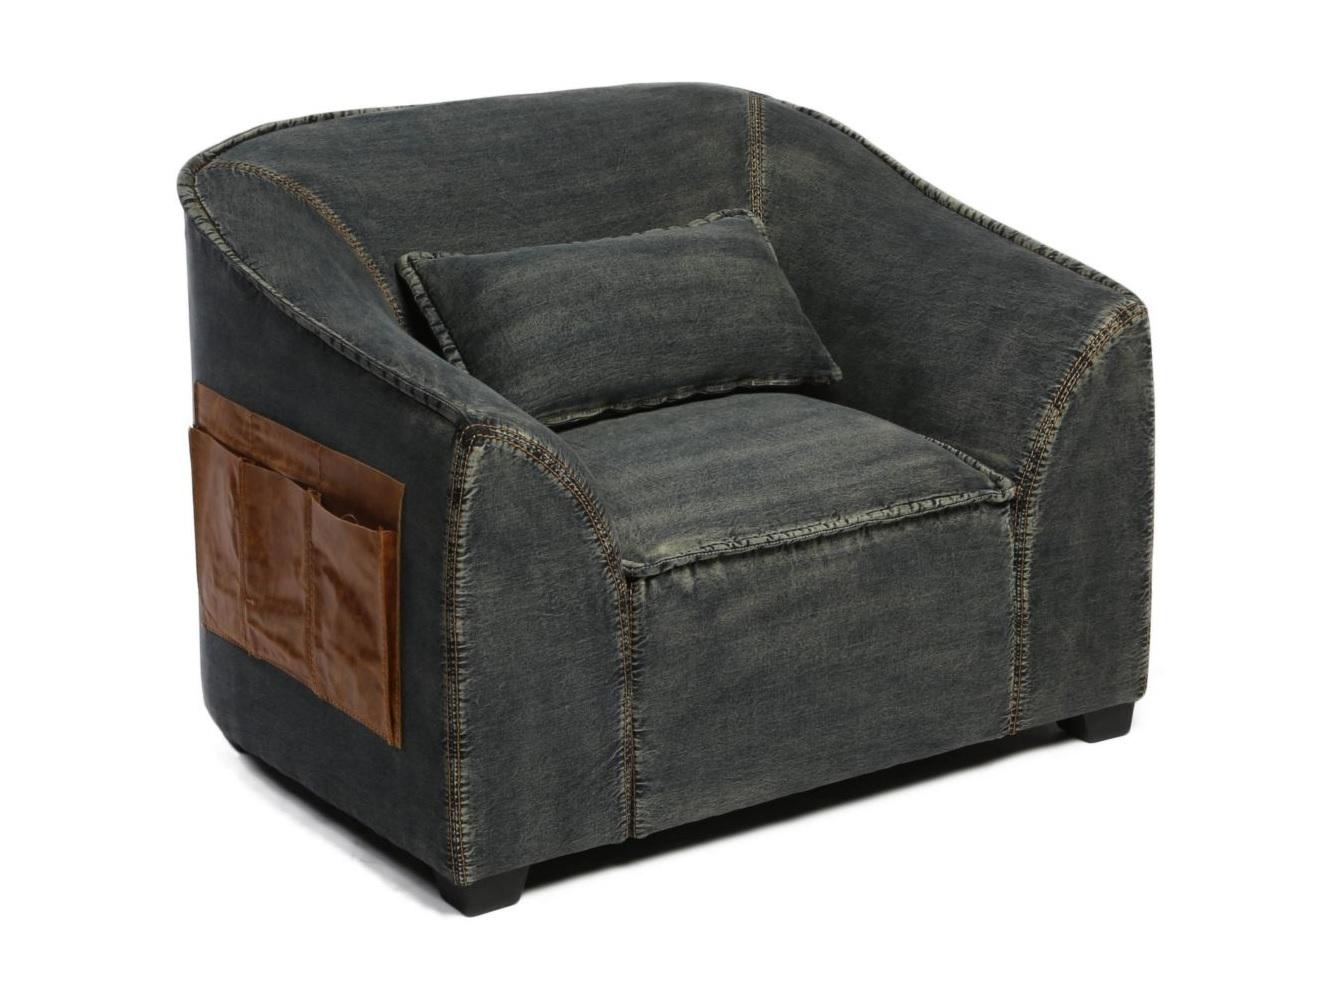 Кресло BenettИнтерьерные кресла<br><br><br>Material: Джинса<br>Width см: 102<br>Depth см: 86<br>Height см: 83